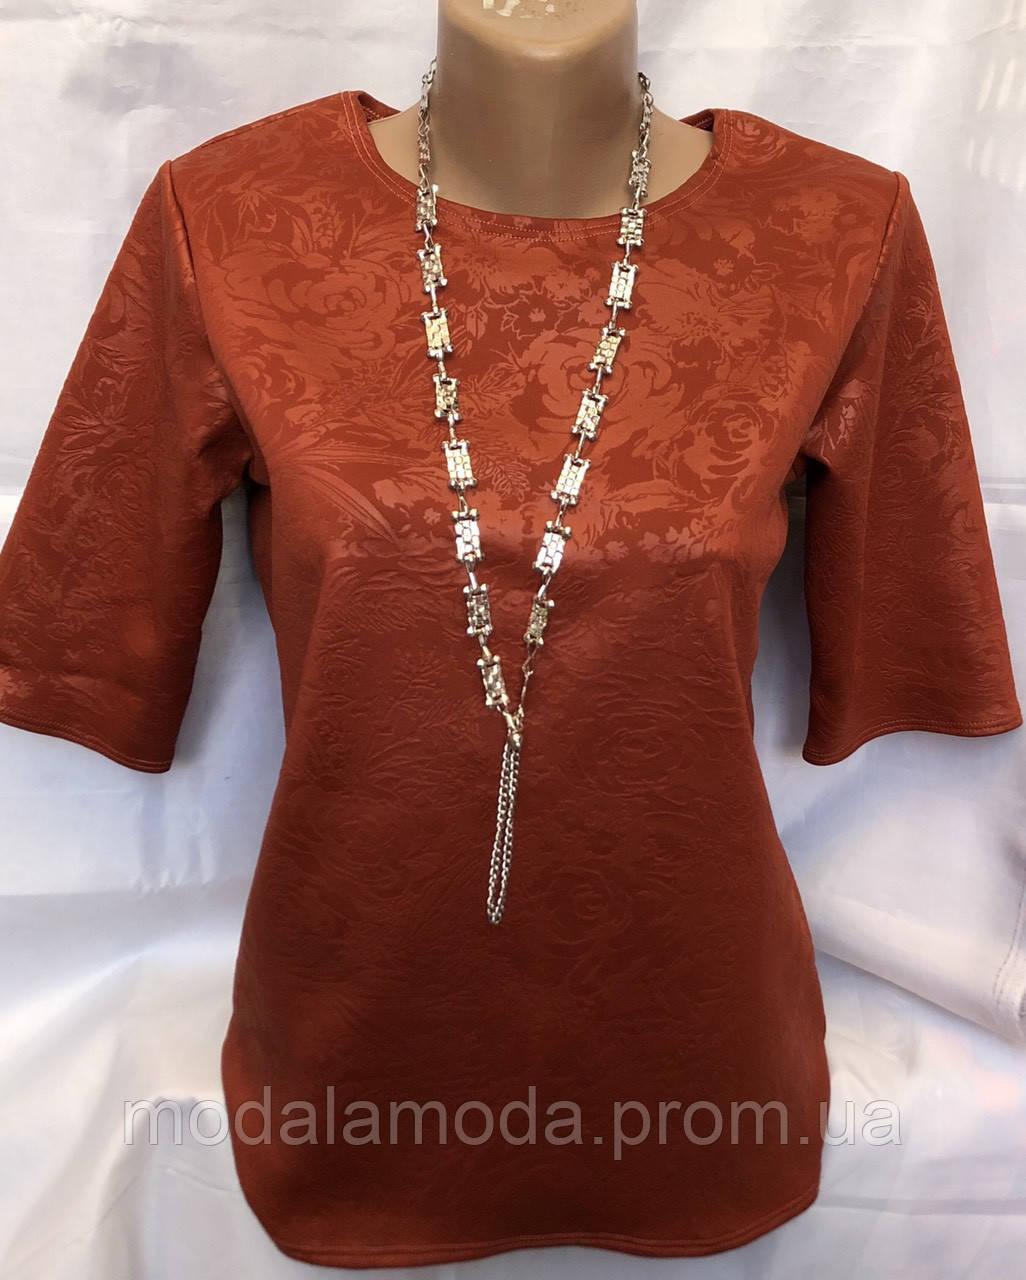 Блуза женская летняя коричневая